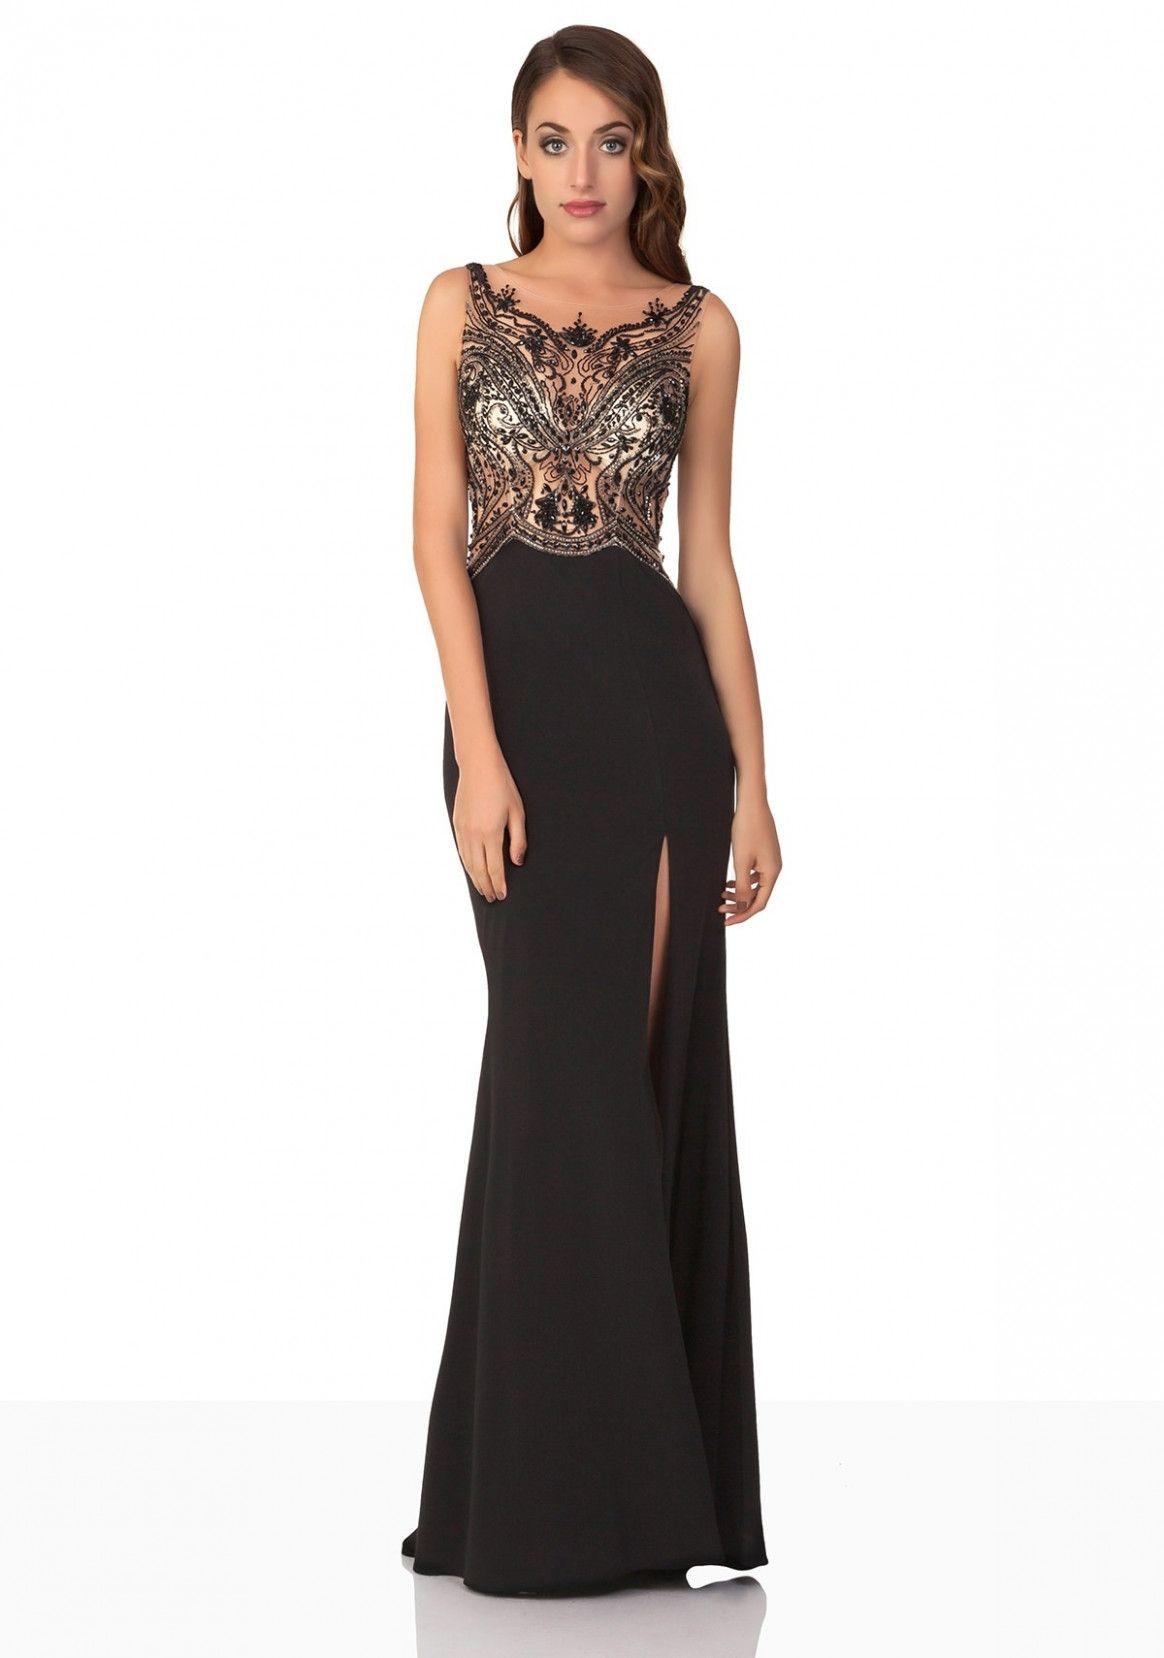 13 Abendkleider Lang Cremefarben in 2020  Abendkleid, Abschlussball kleider, Abendkleid schwarz